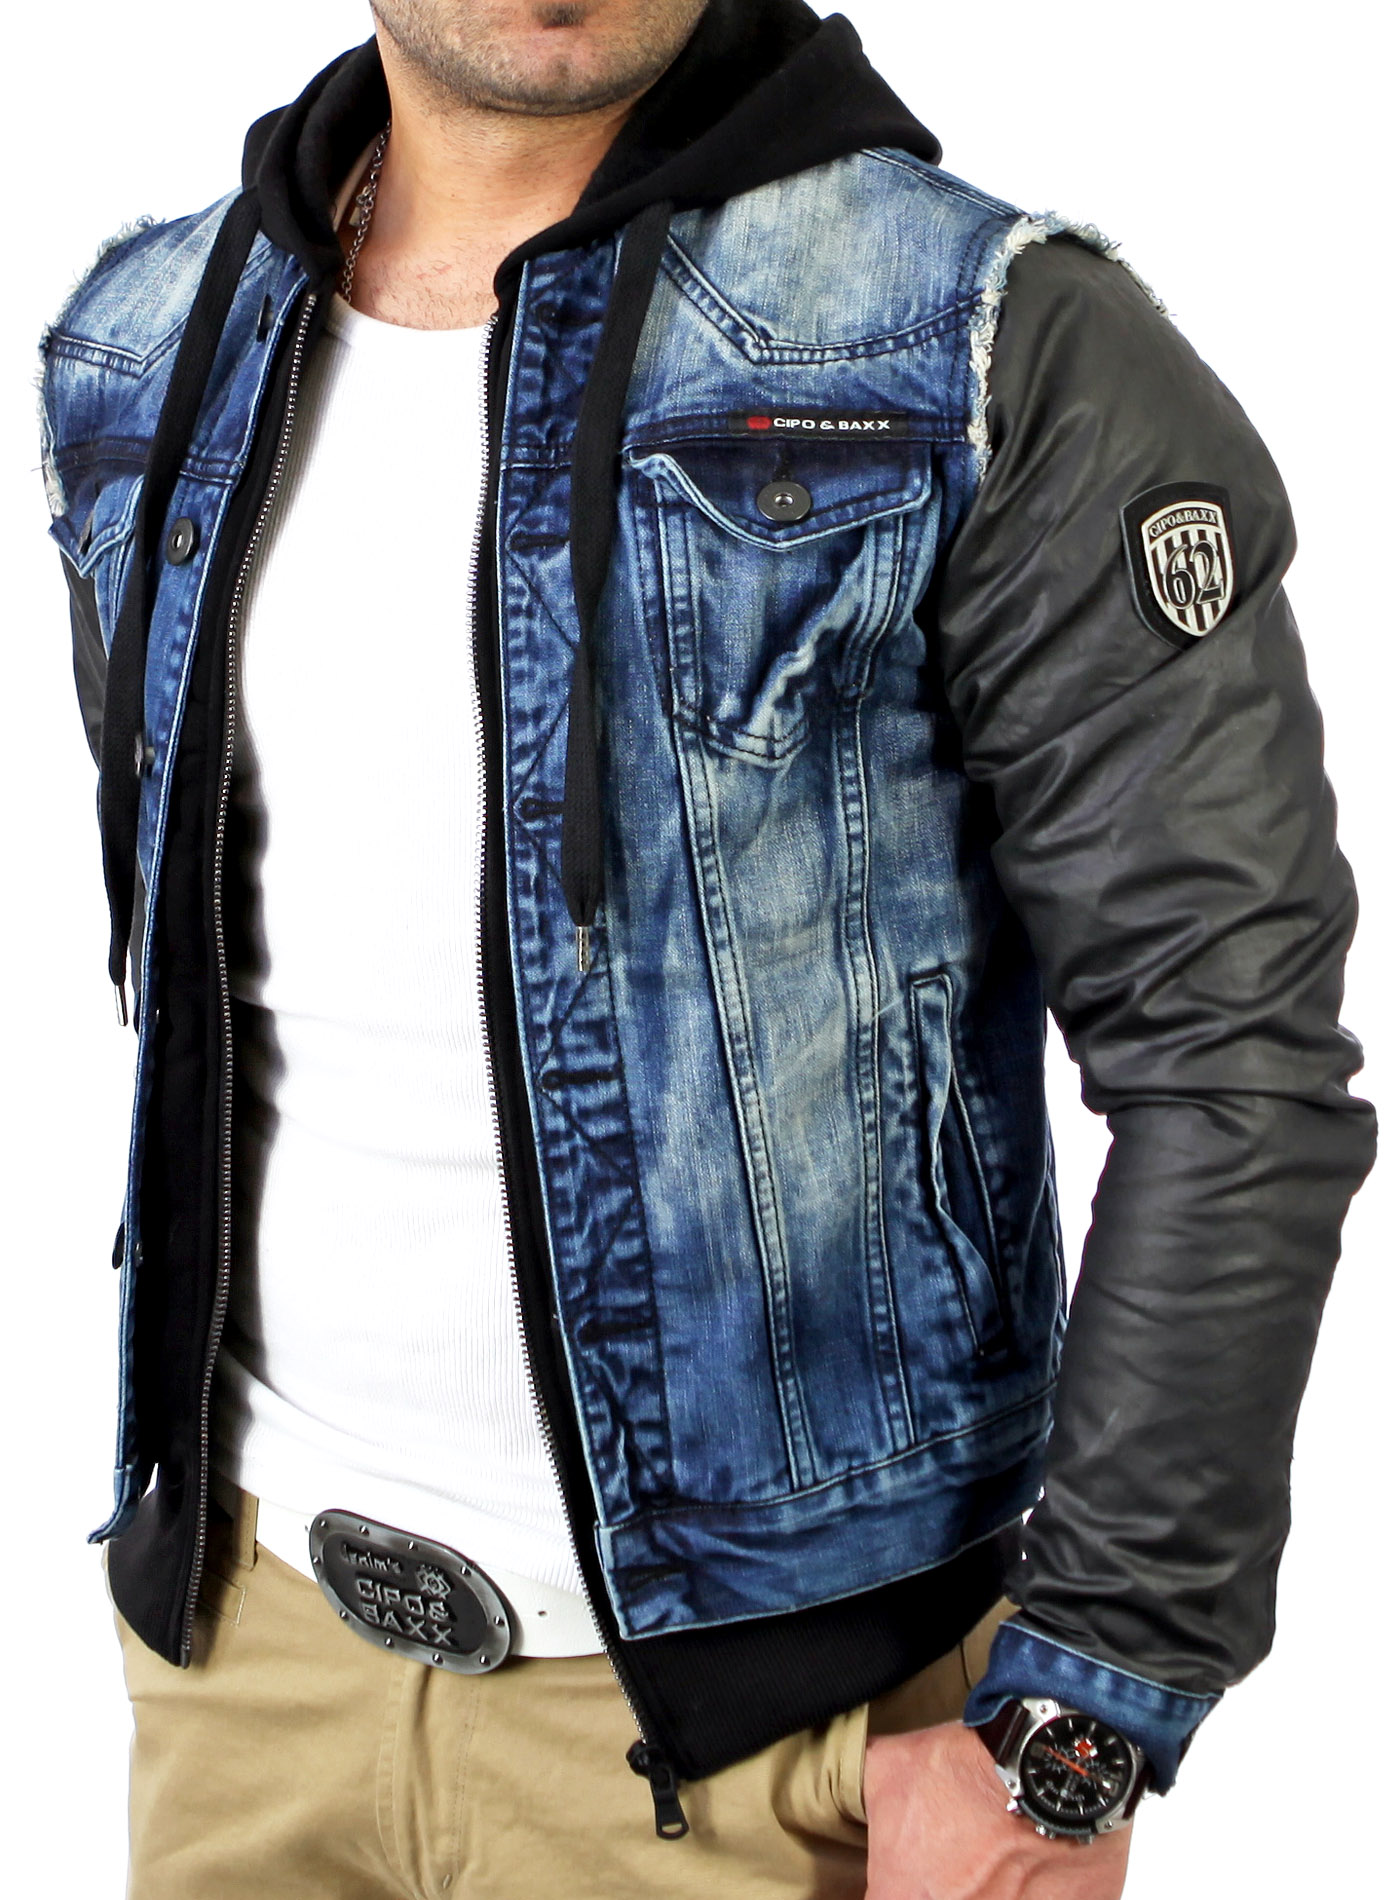 cipo baxx c 1290 herren 2in1 jeansjacke jeans jacke sweatjacke hoody pullover ebay. Black Bedroom Furniture Sets. Home Design Ideas